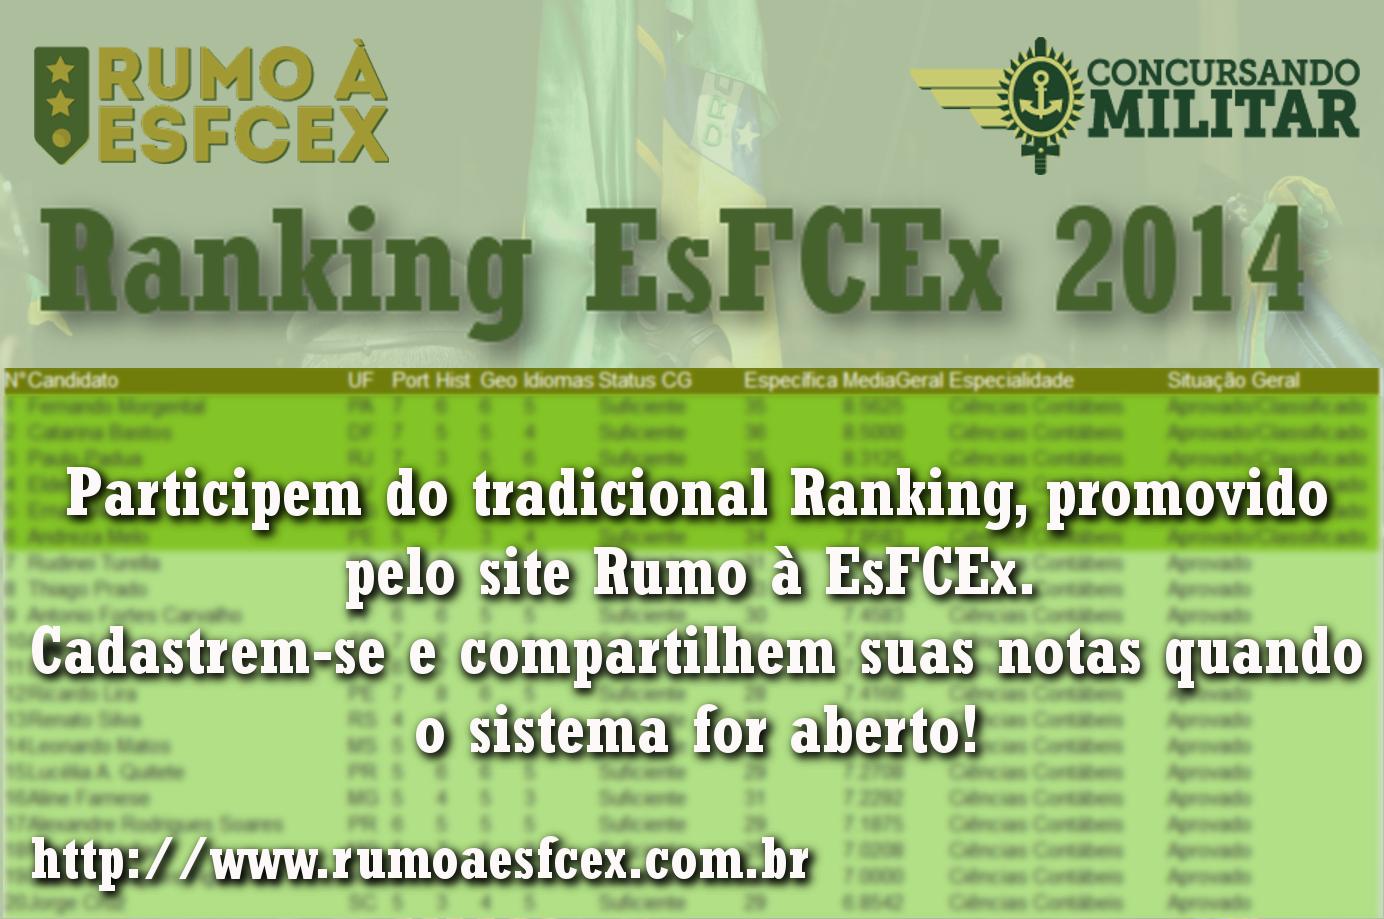 Ranking-Esfcex